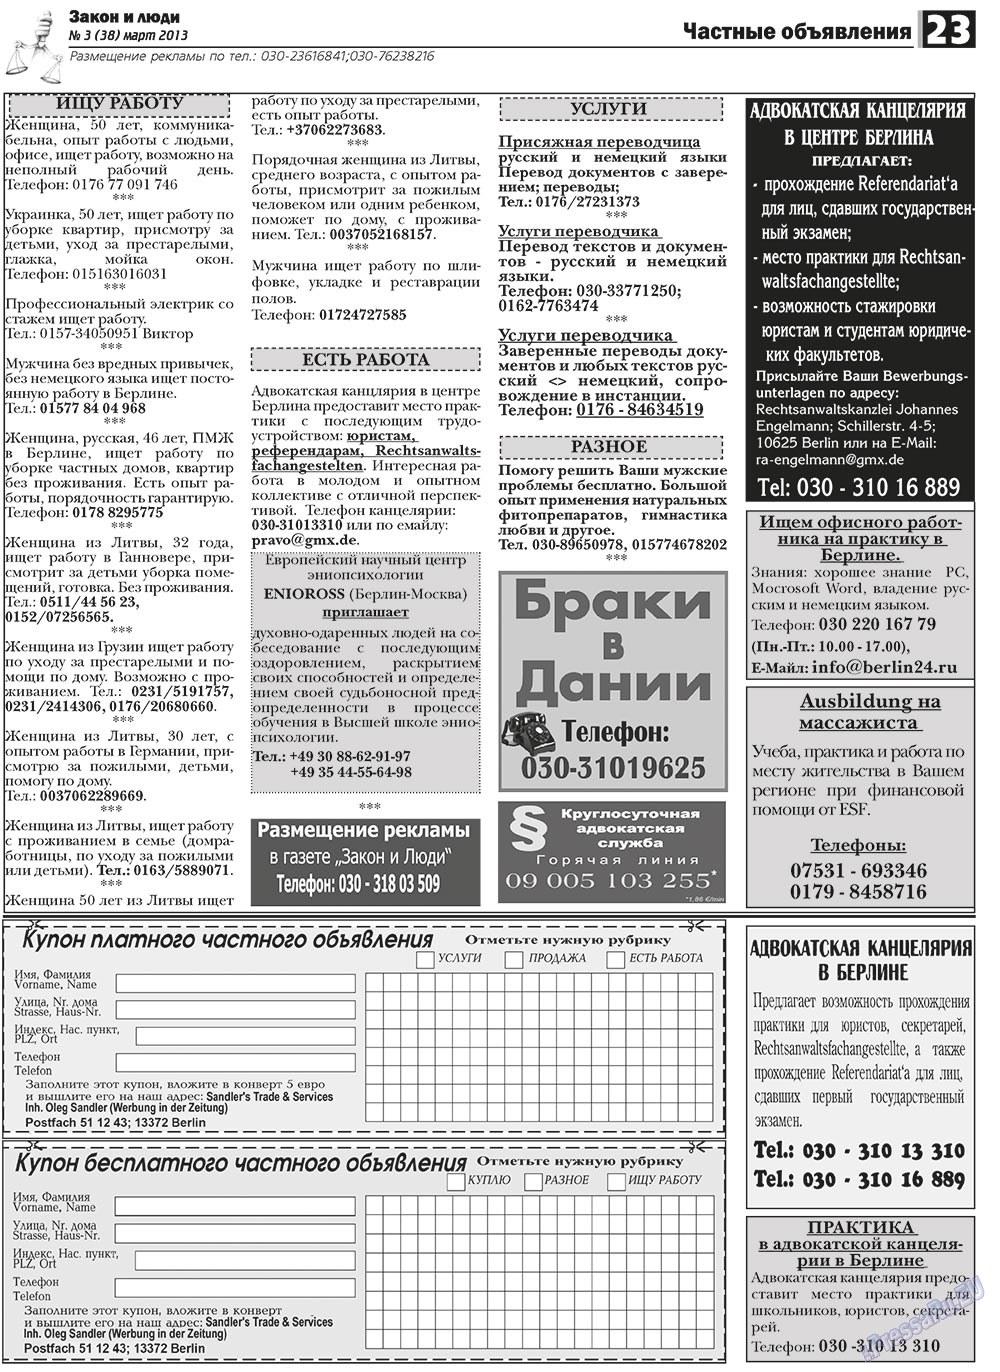 Закон и люди (газета). 2013 год, номер 3, стр. 23